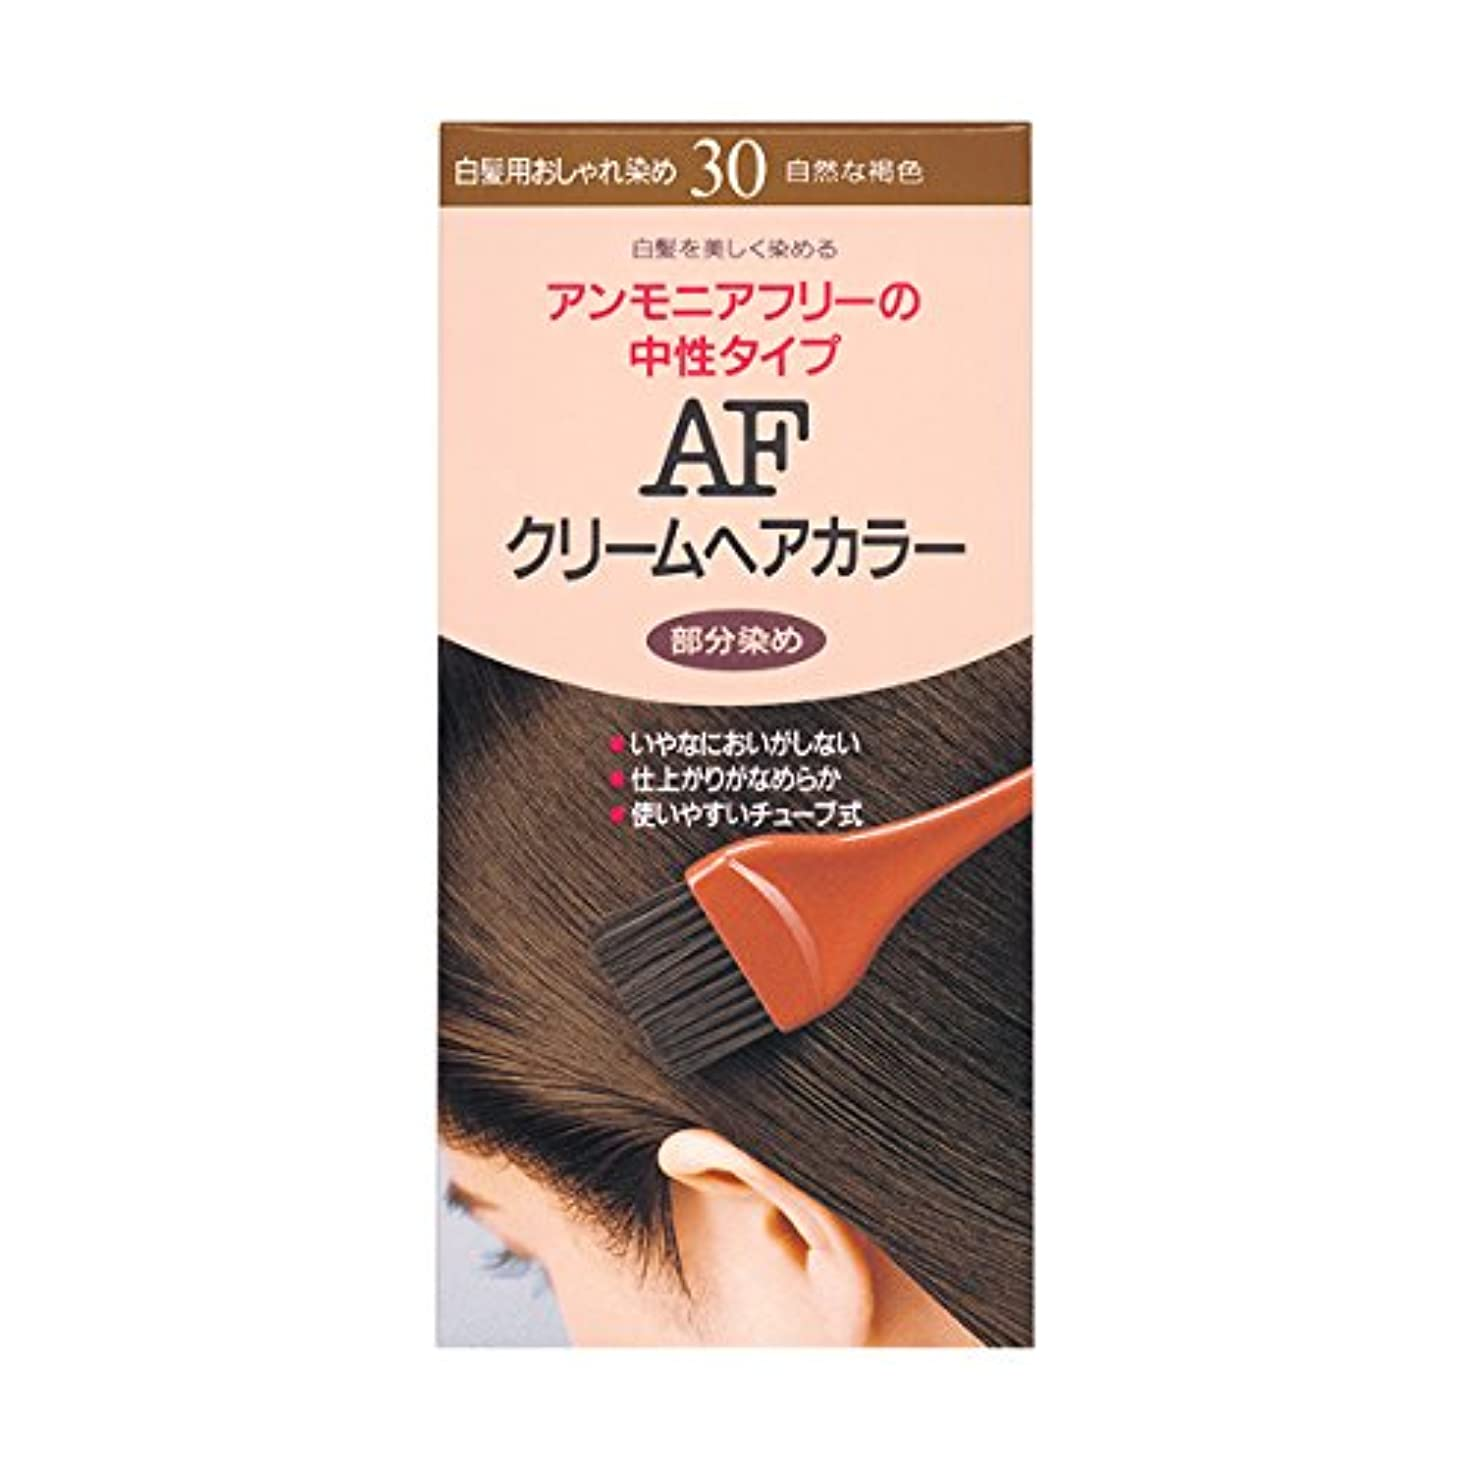 プロペラ聖域ラビリンスヘアカラー AFクリームヘアカラー 30 【医薬部外品】